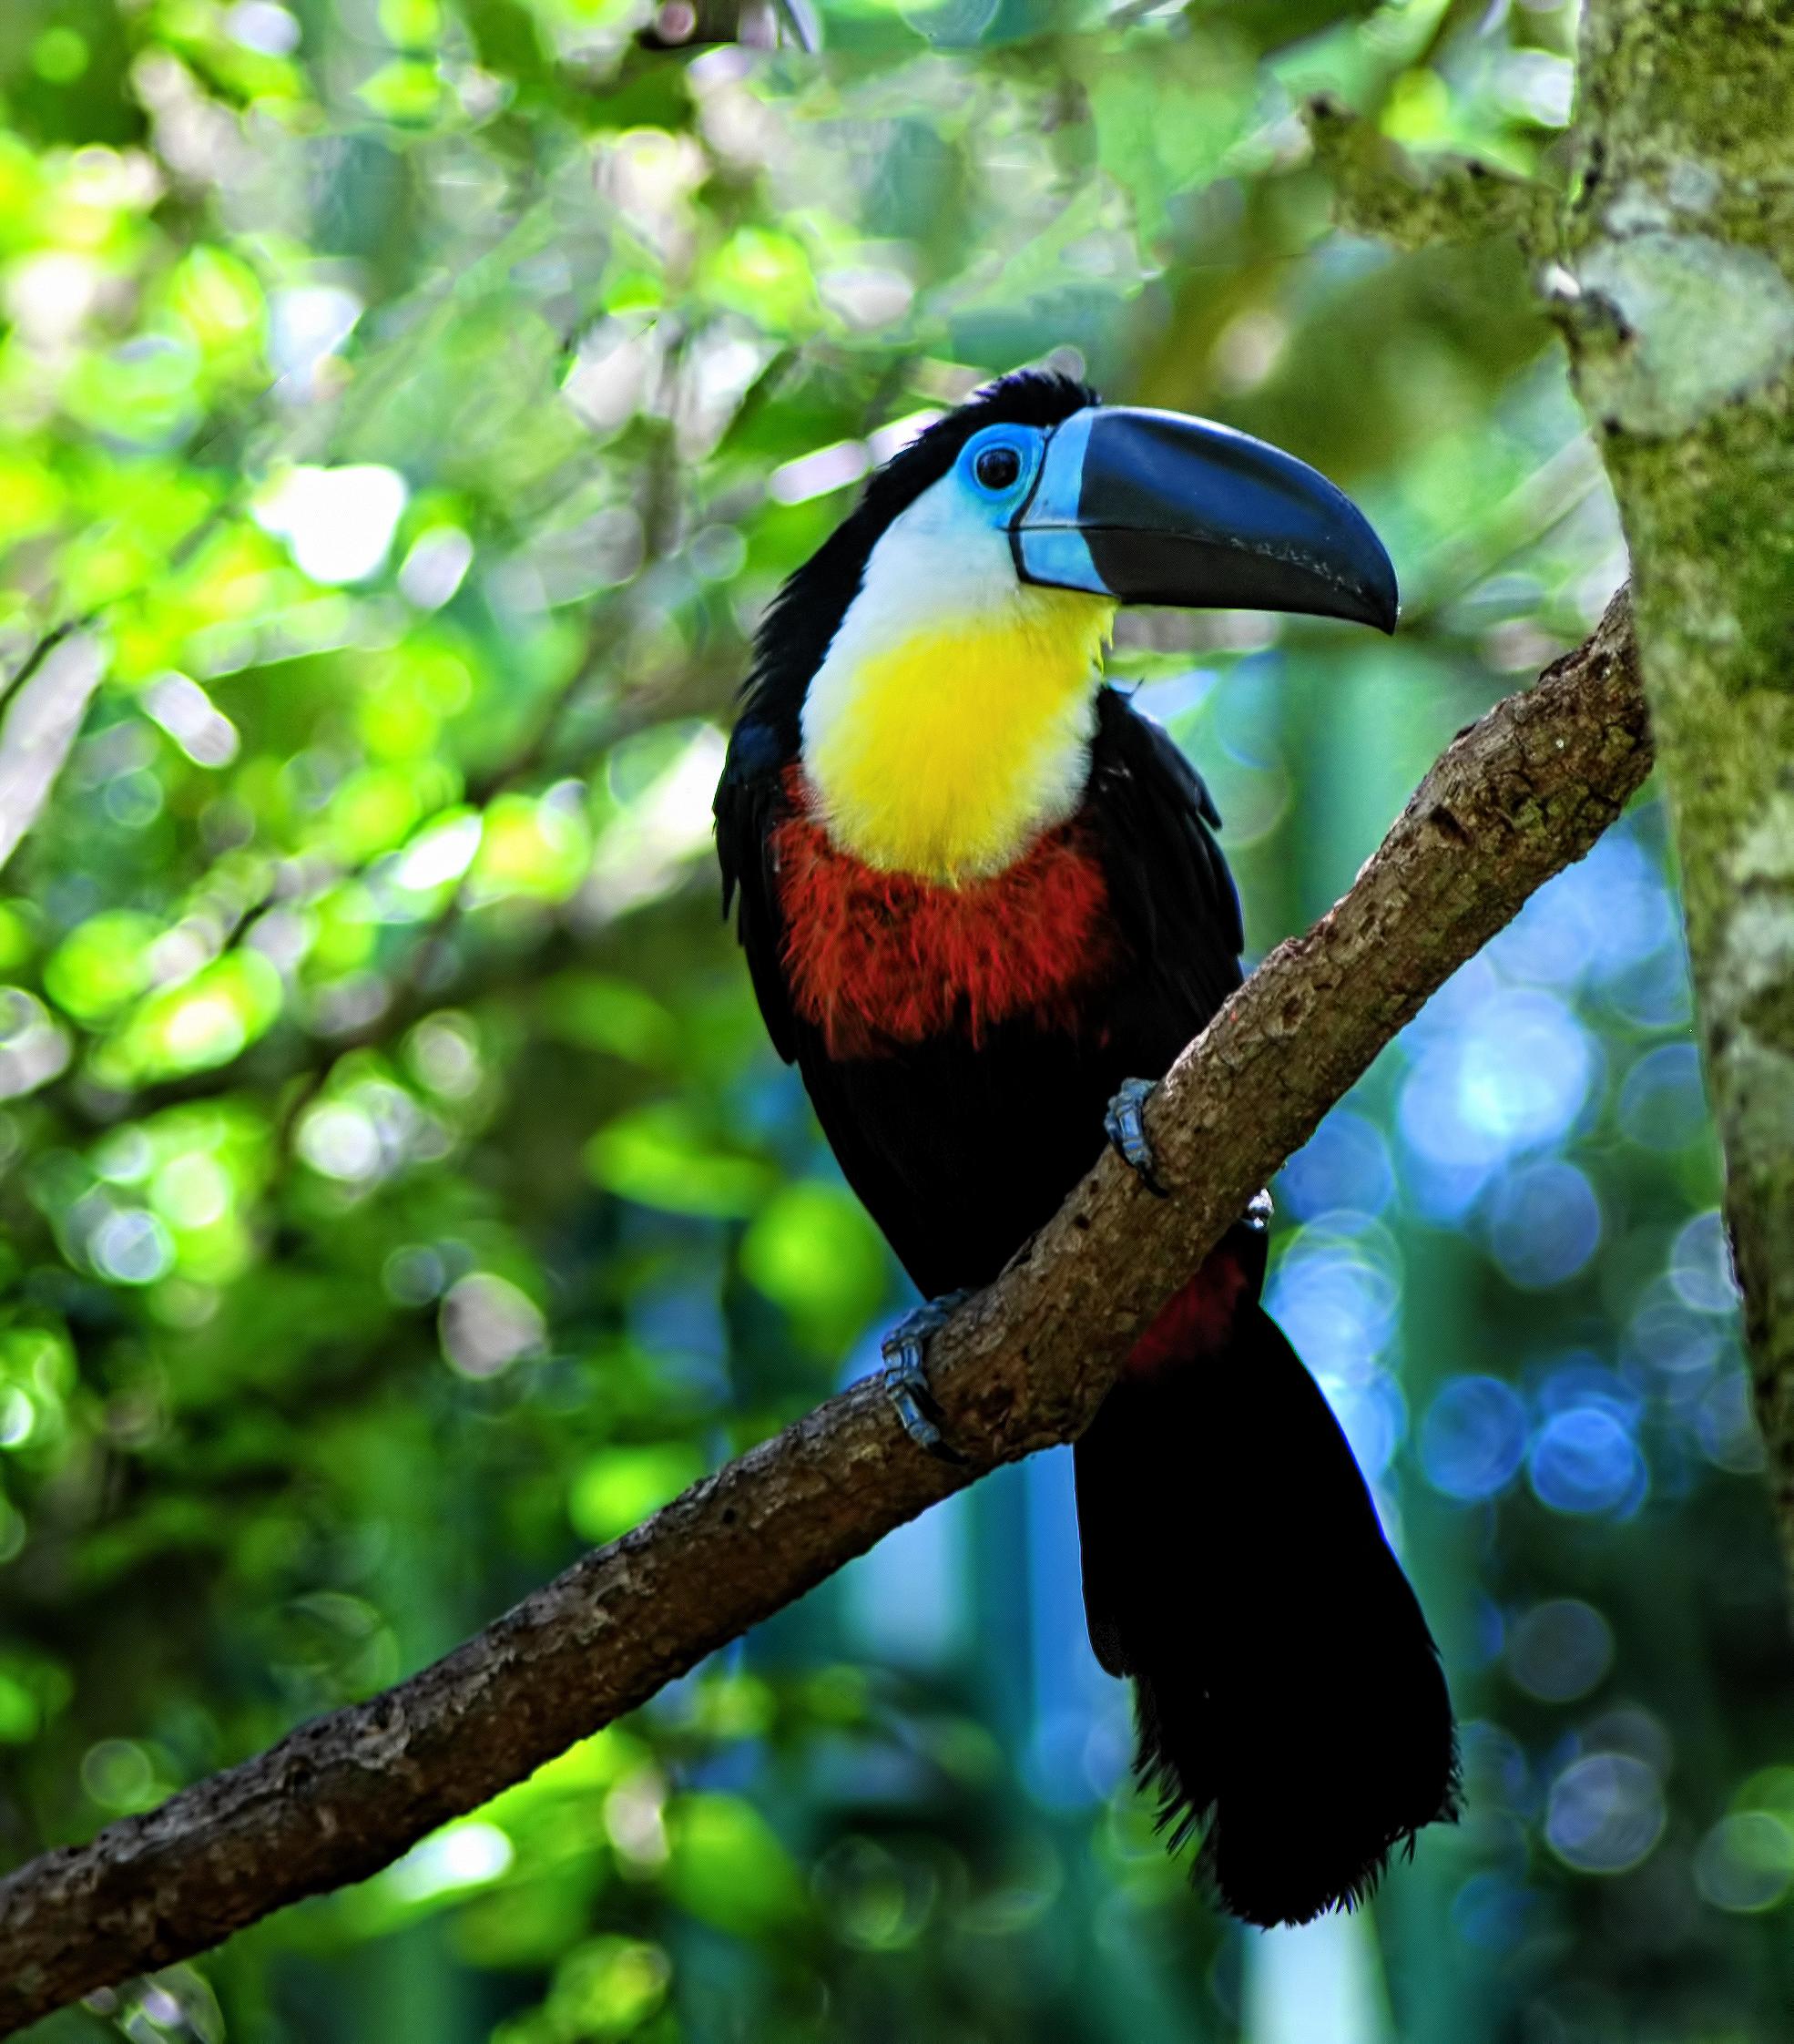 μεγάλο πουλί πλάγια